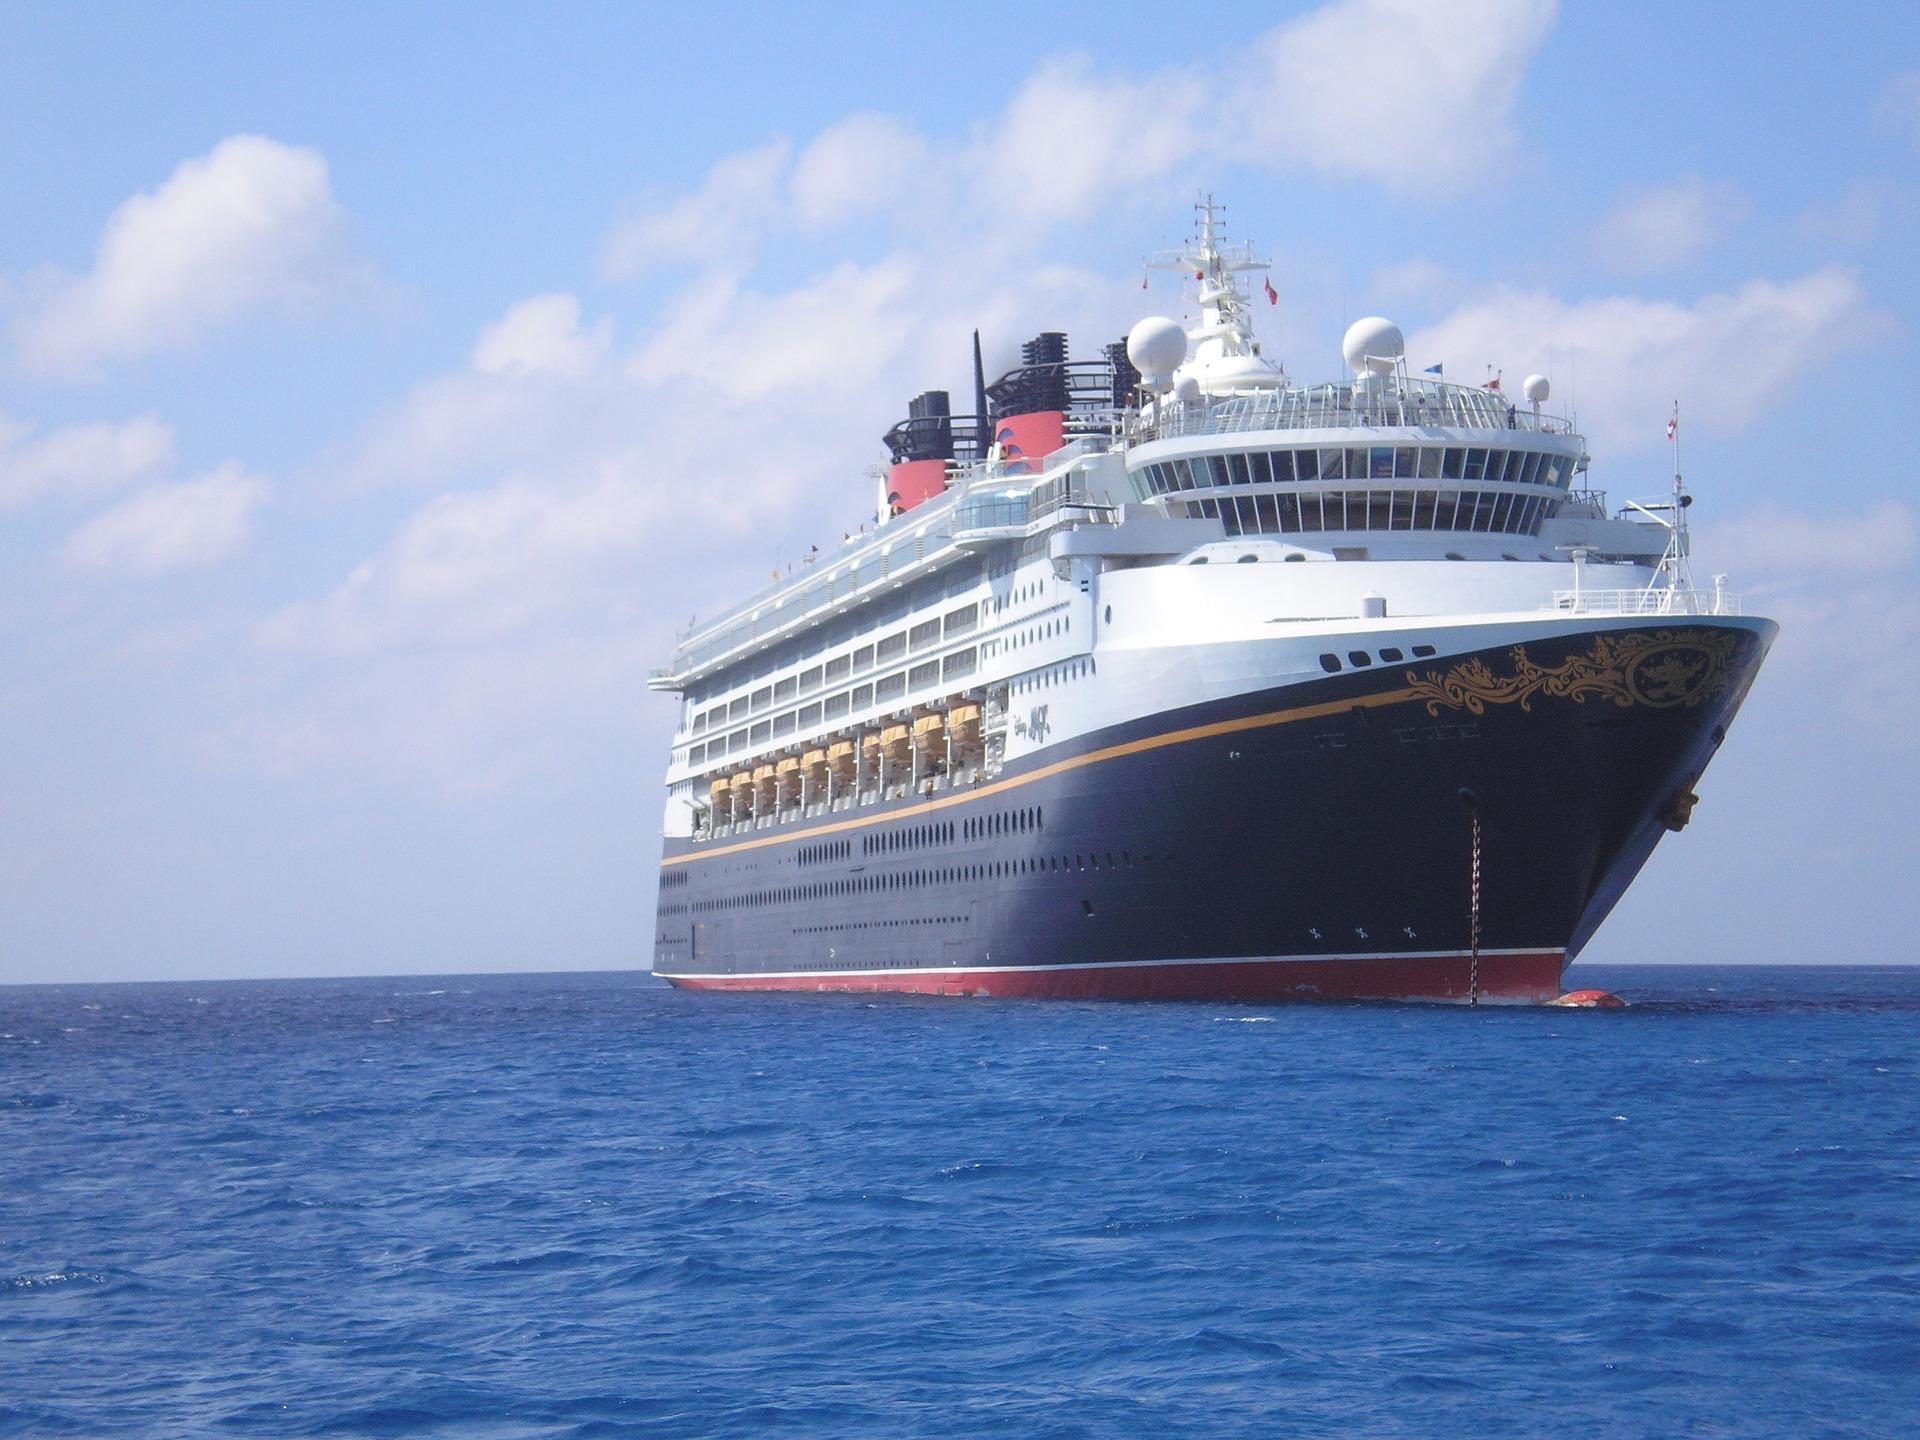 Crucero Islas del Caribe y Barbados en Venta Anticipada